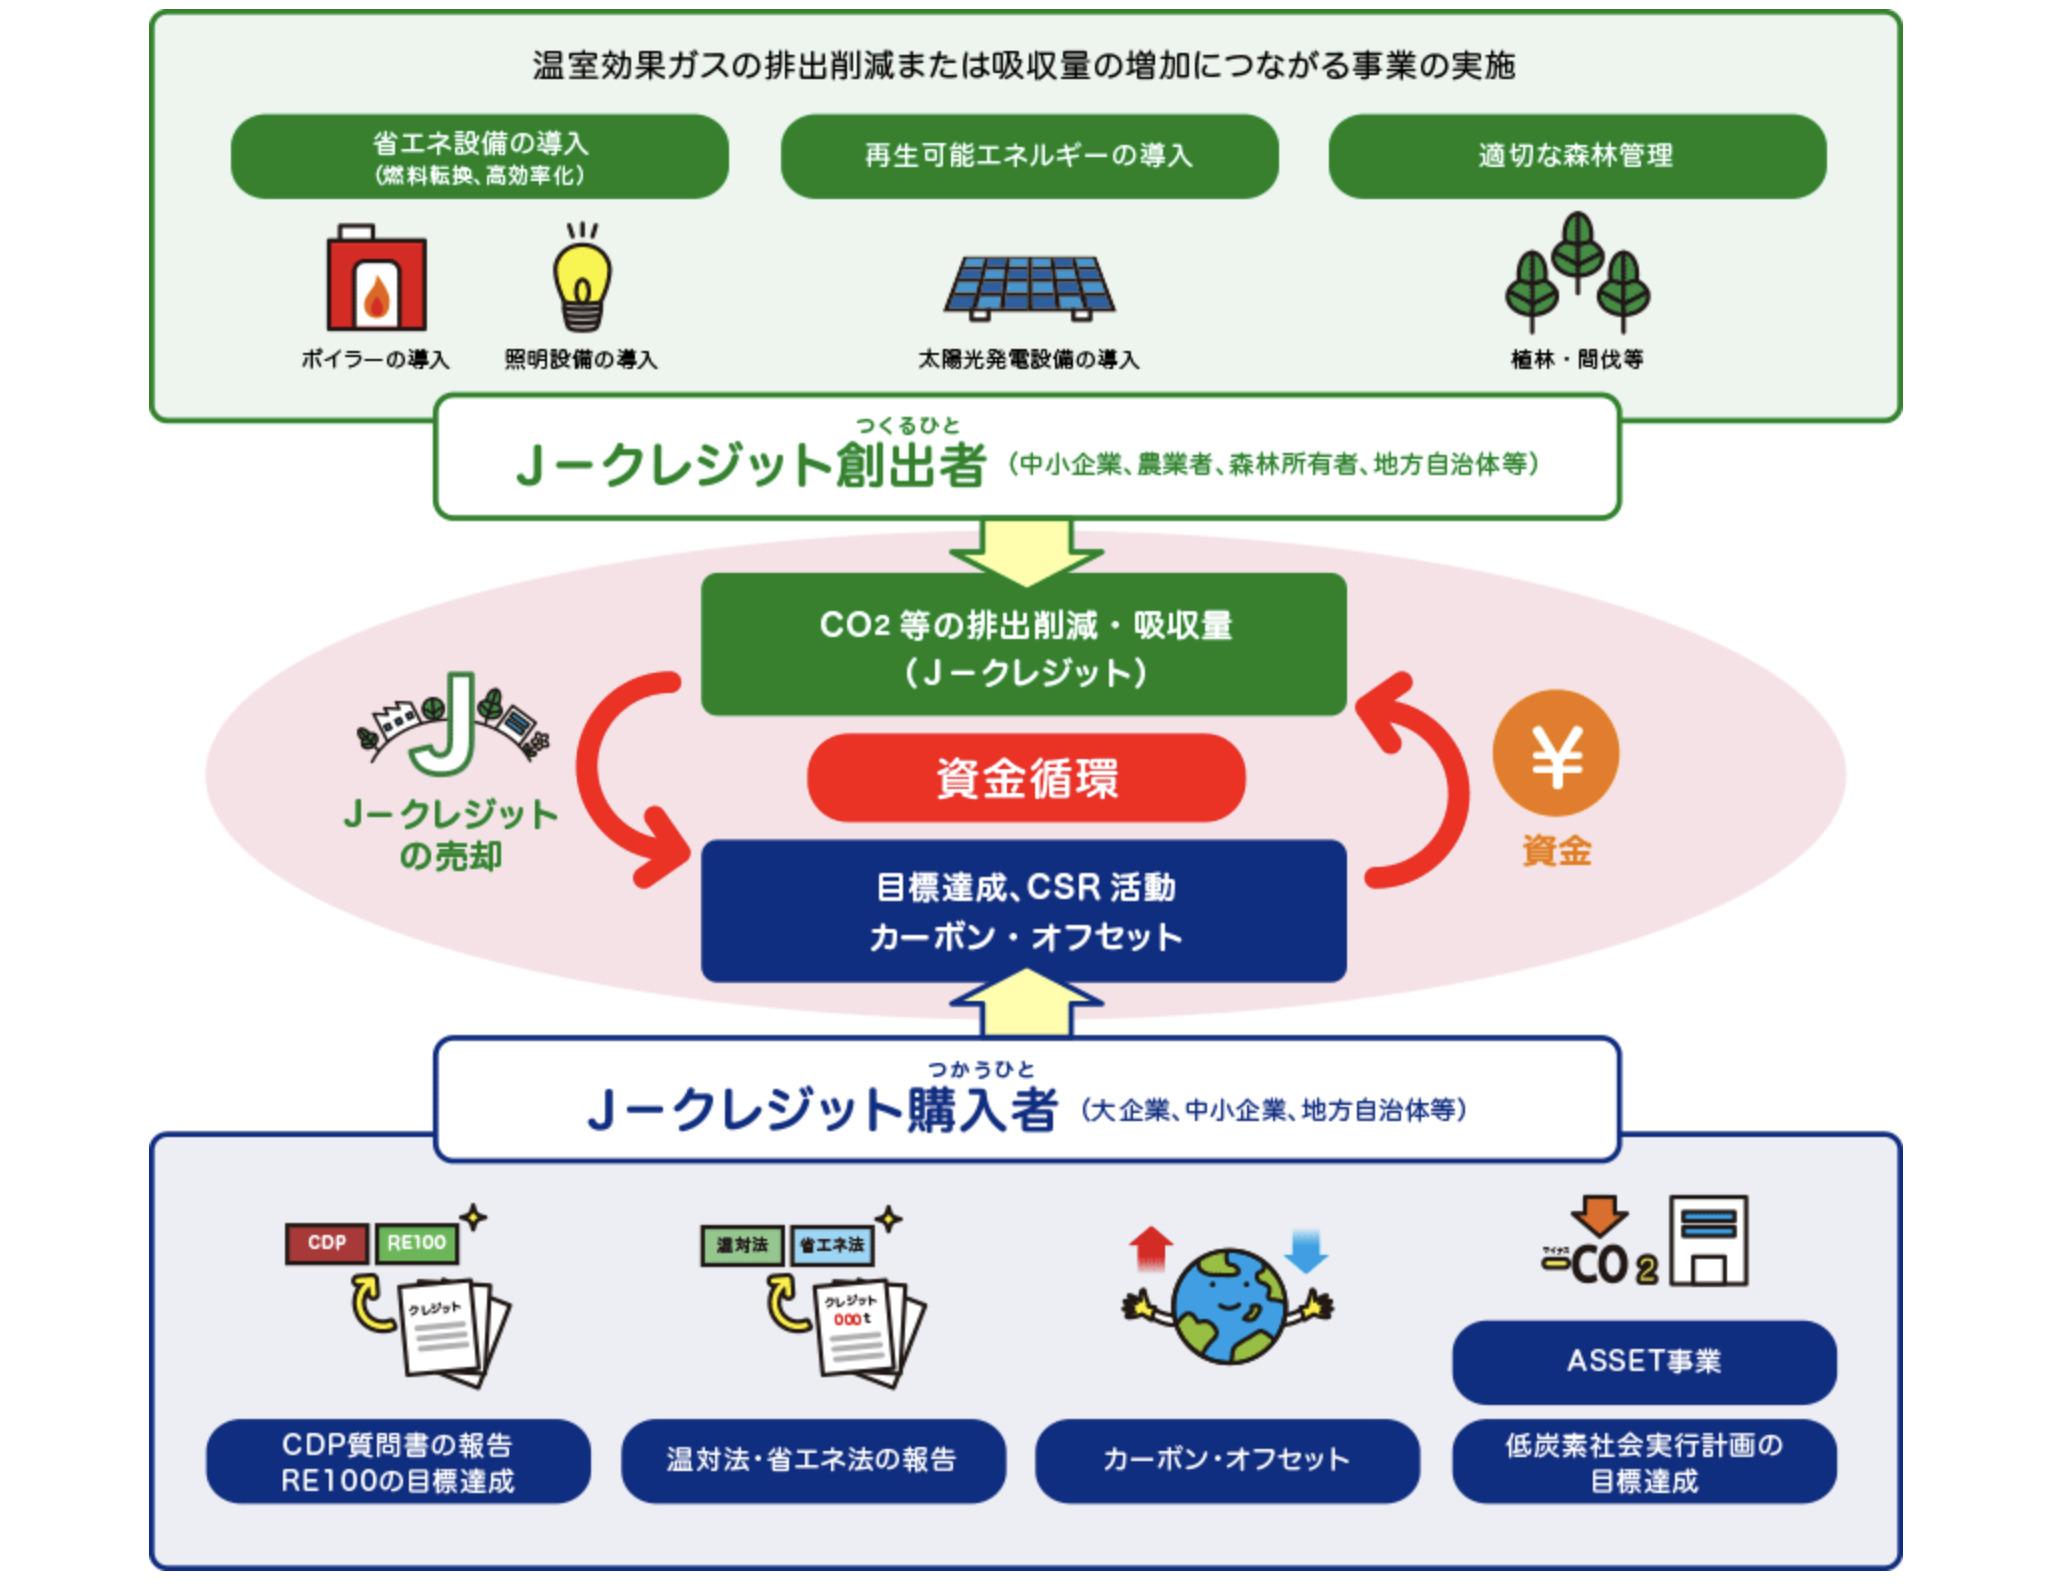 J-クレジット制度